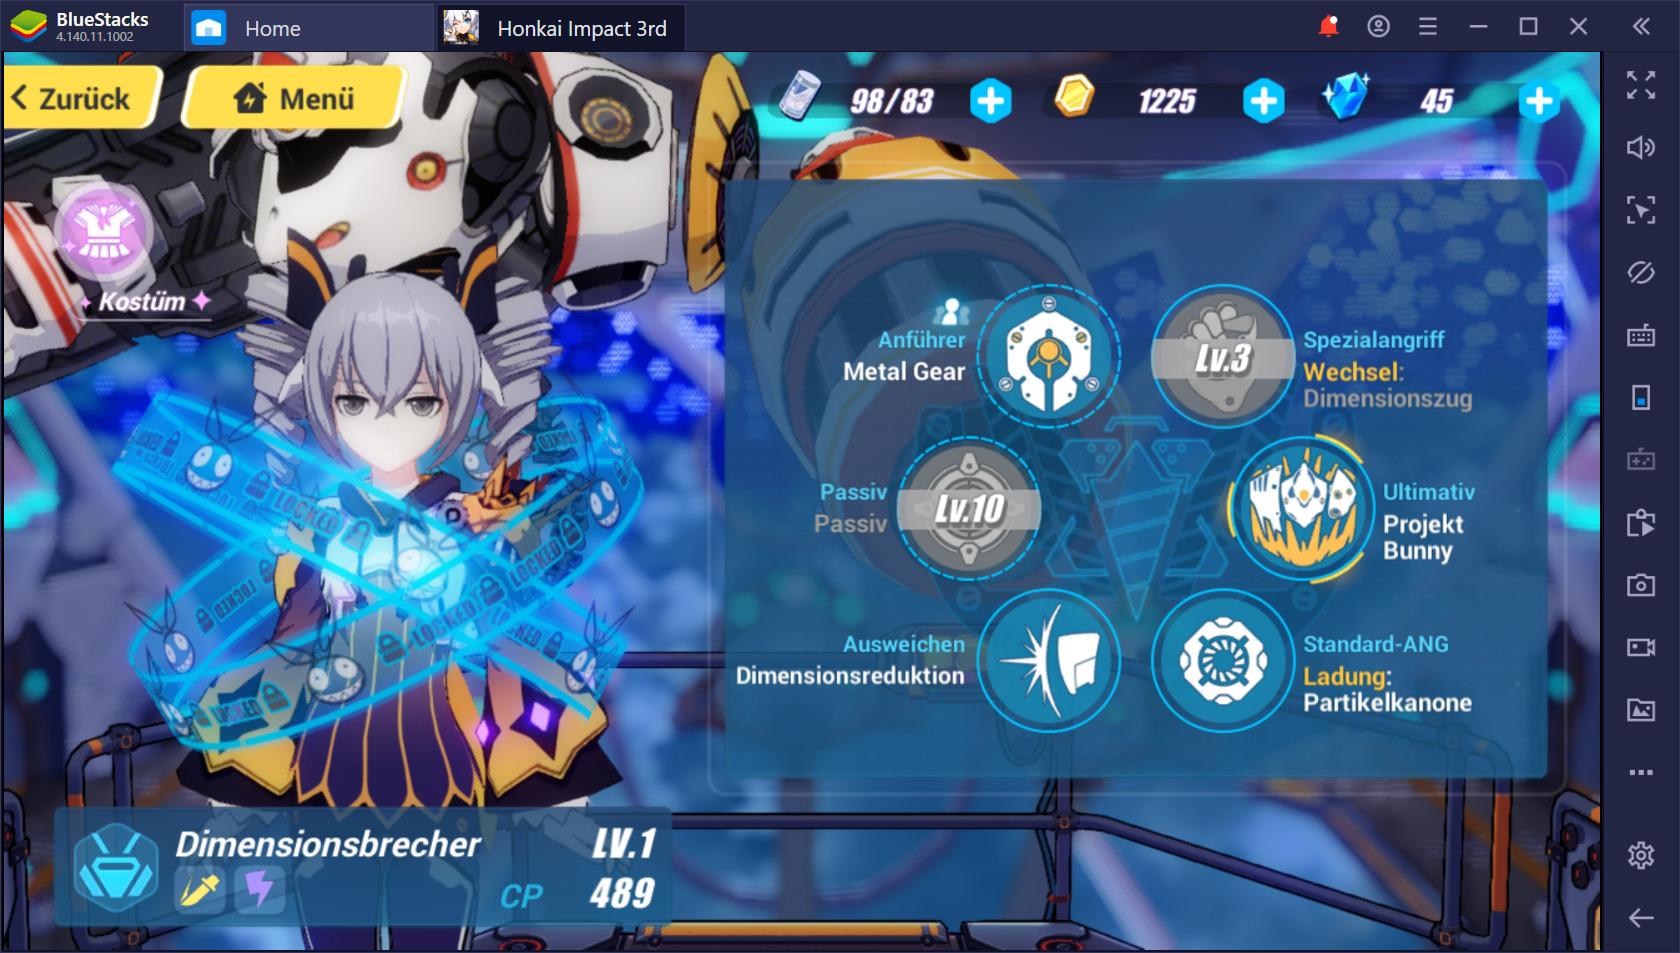 Honkai Impact 3rd auf dem PC: Die besten frühen Valkyrien für F2P-Spieler